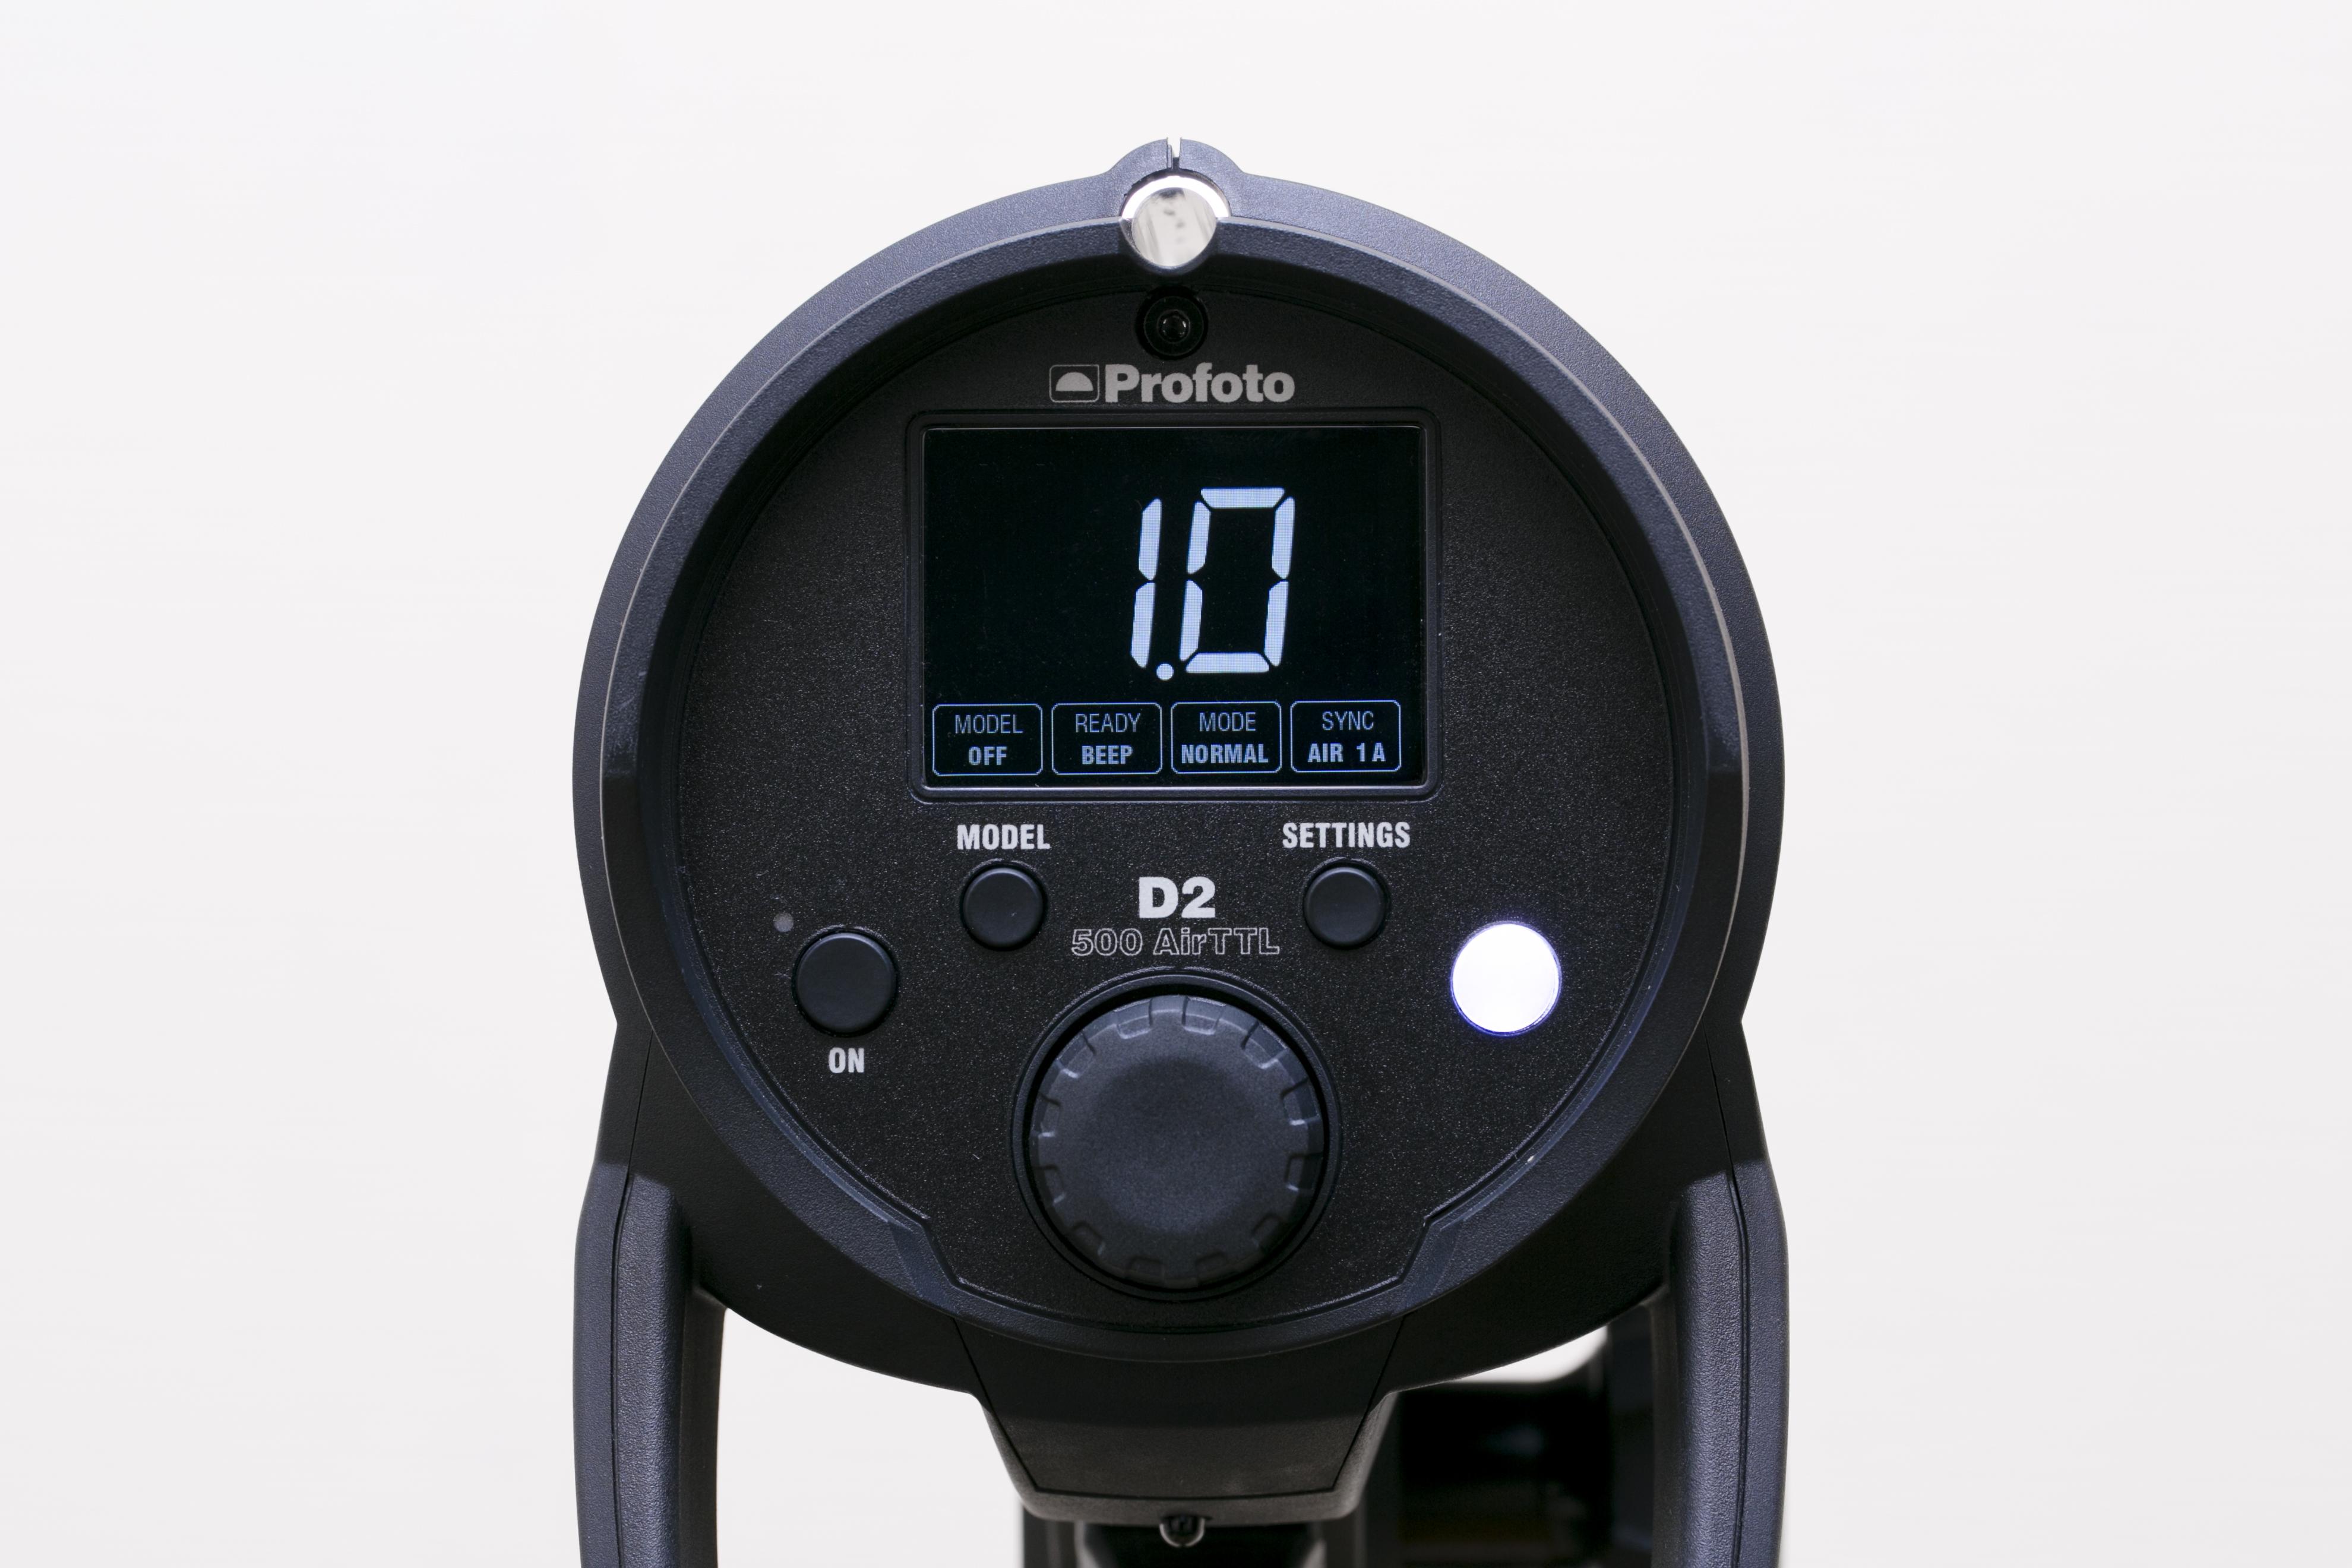 D2 500 AirTTLの背面。中央下がダイヤルボタン。その上に4つ操作ボタンが付く。左から電源ボタン、モデリングライトのON/OFFを行うMODELボタン、SETTINGSボタン、そして右端の白いボタンがテスト発光を行う際に使用するテストボタン